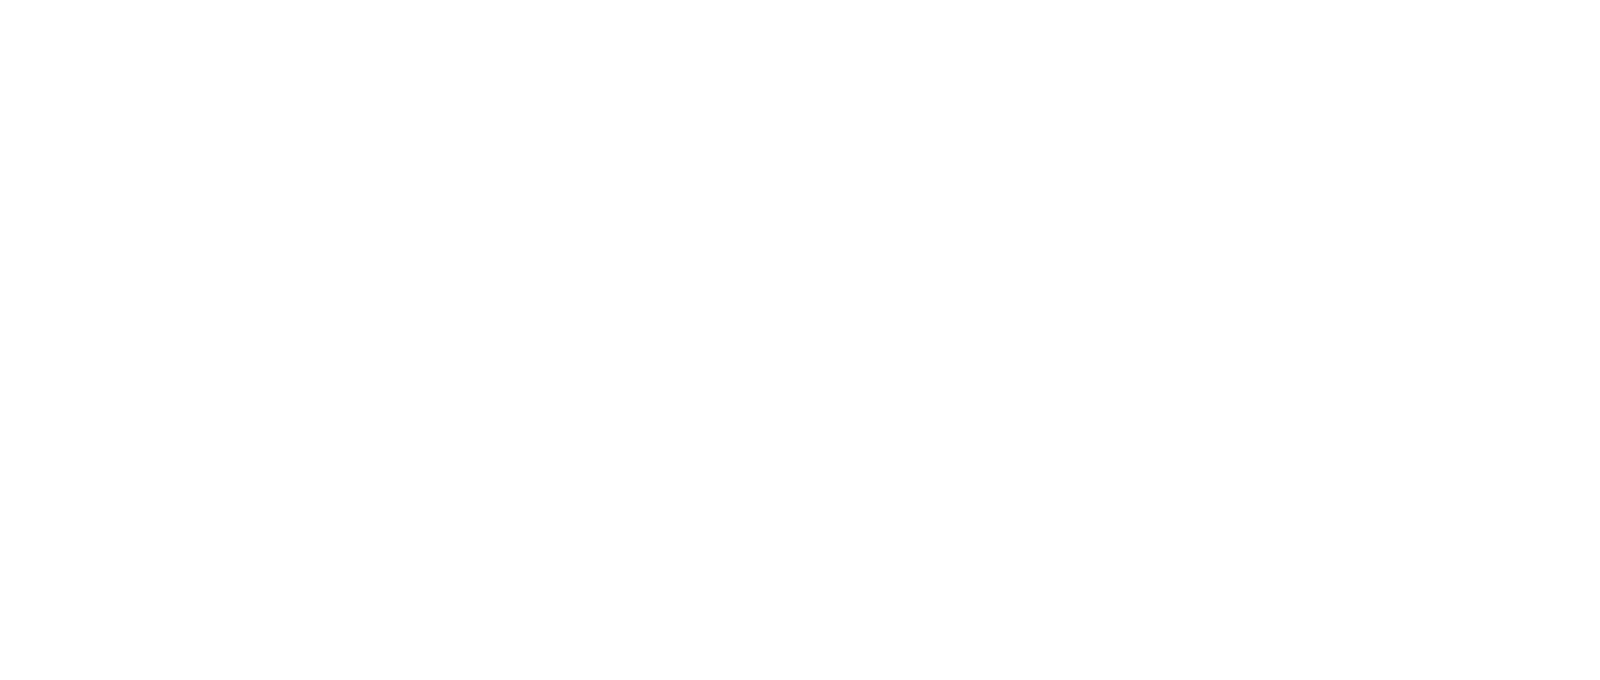 冲孔板-镀锌-不锈钢-圆孔-方孔-厂家 - 安平县曾威丝网制品有限公司